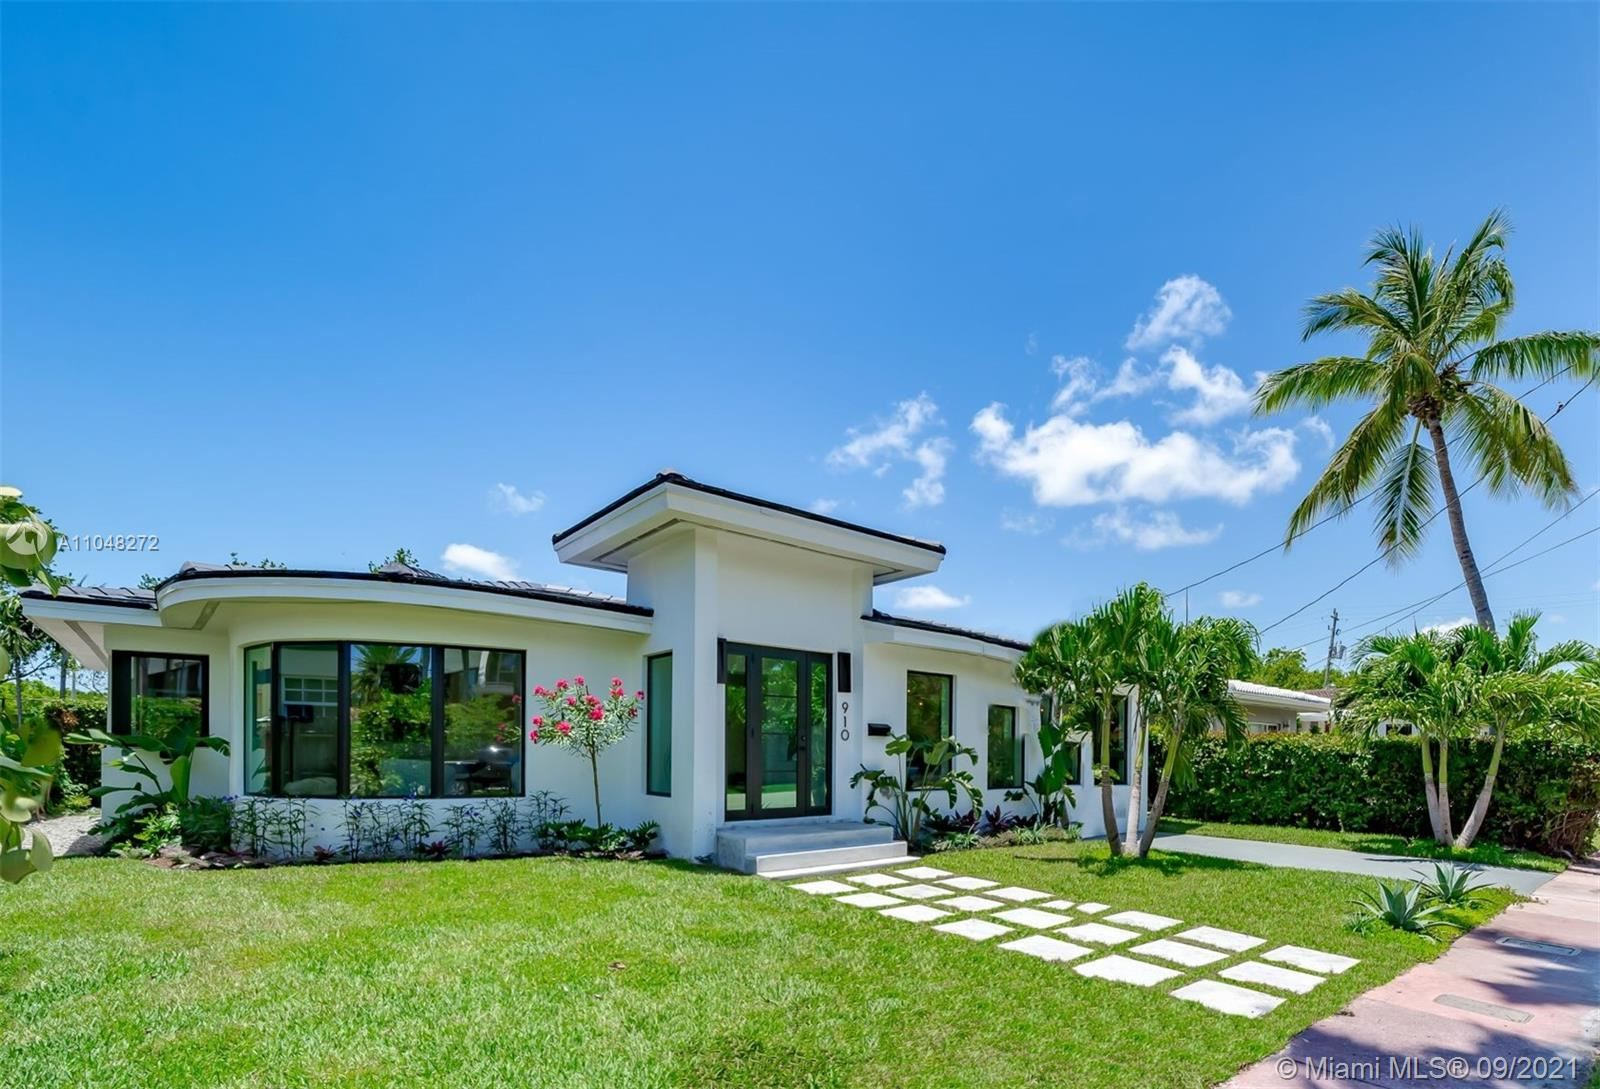 910 W 43rd Ct, Miami Beach, FL 33140 - #: A11048272